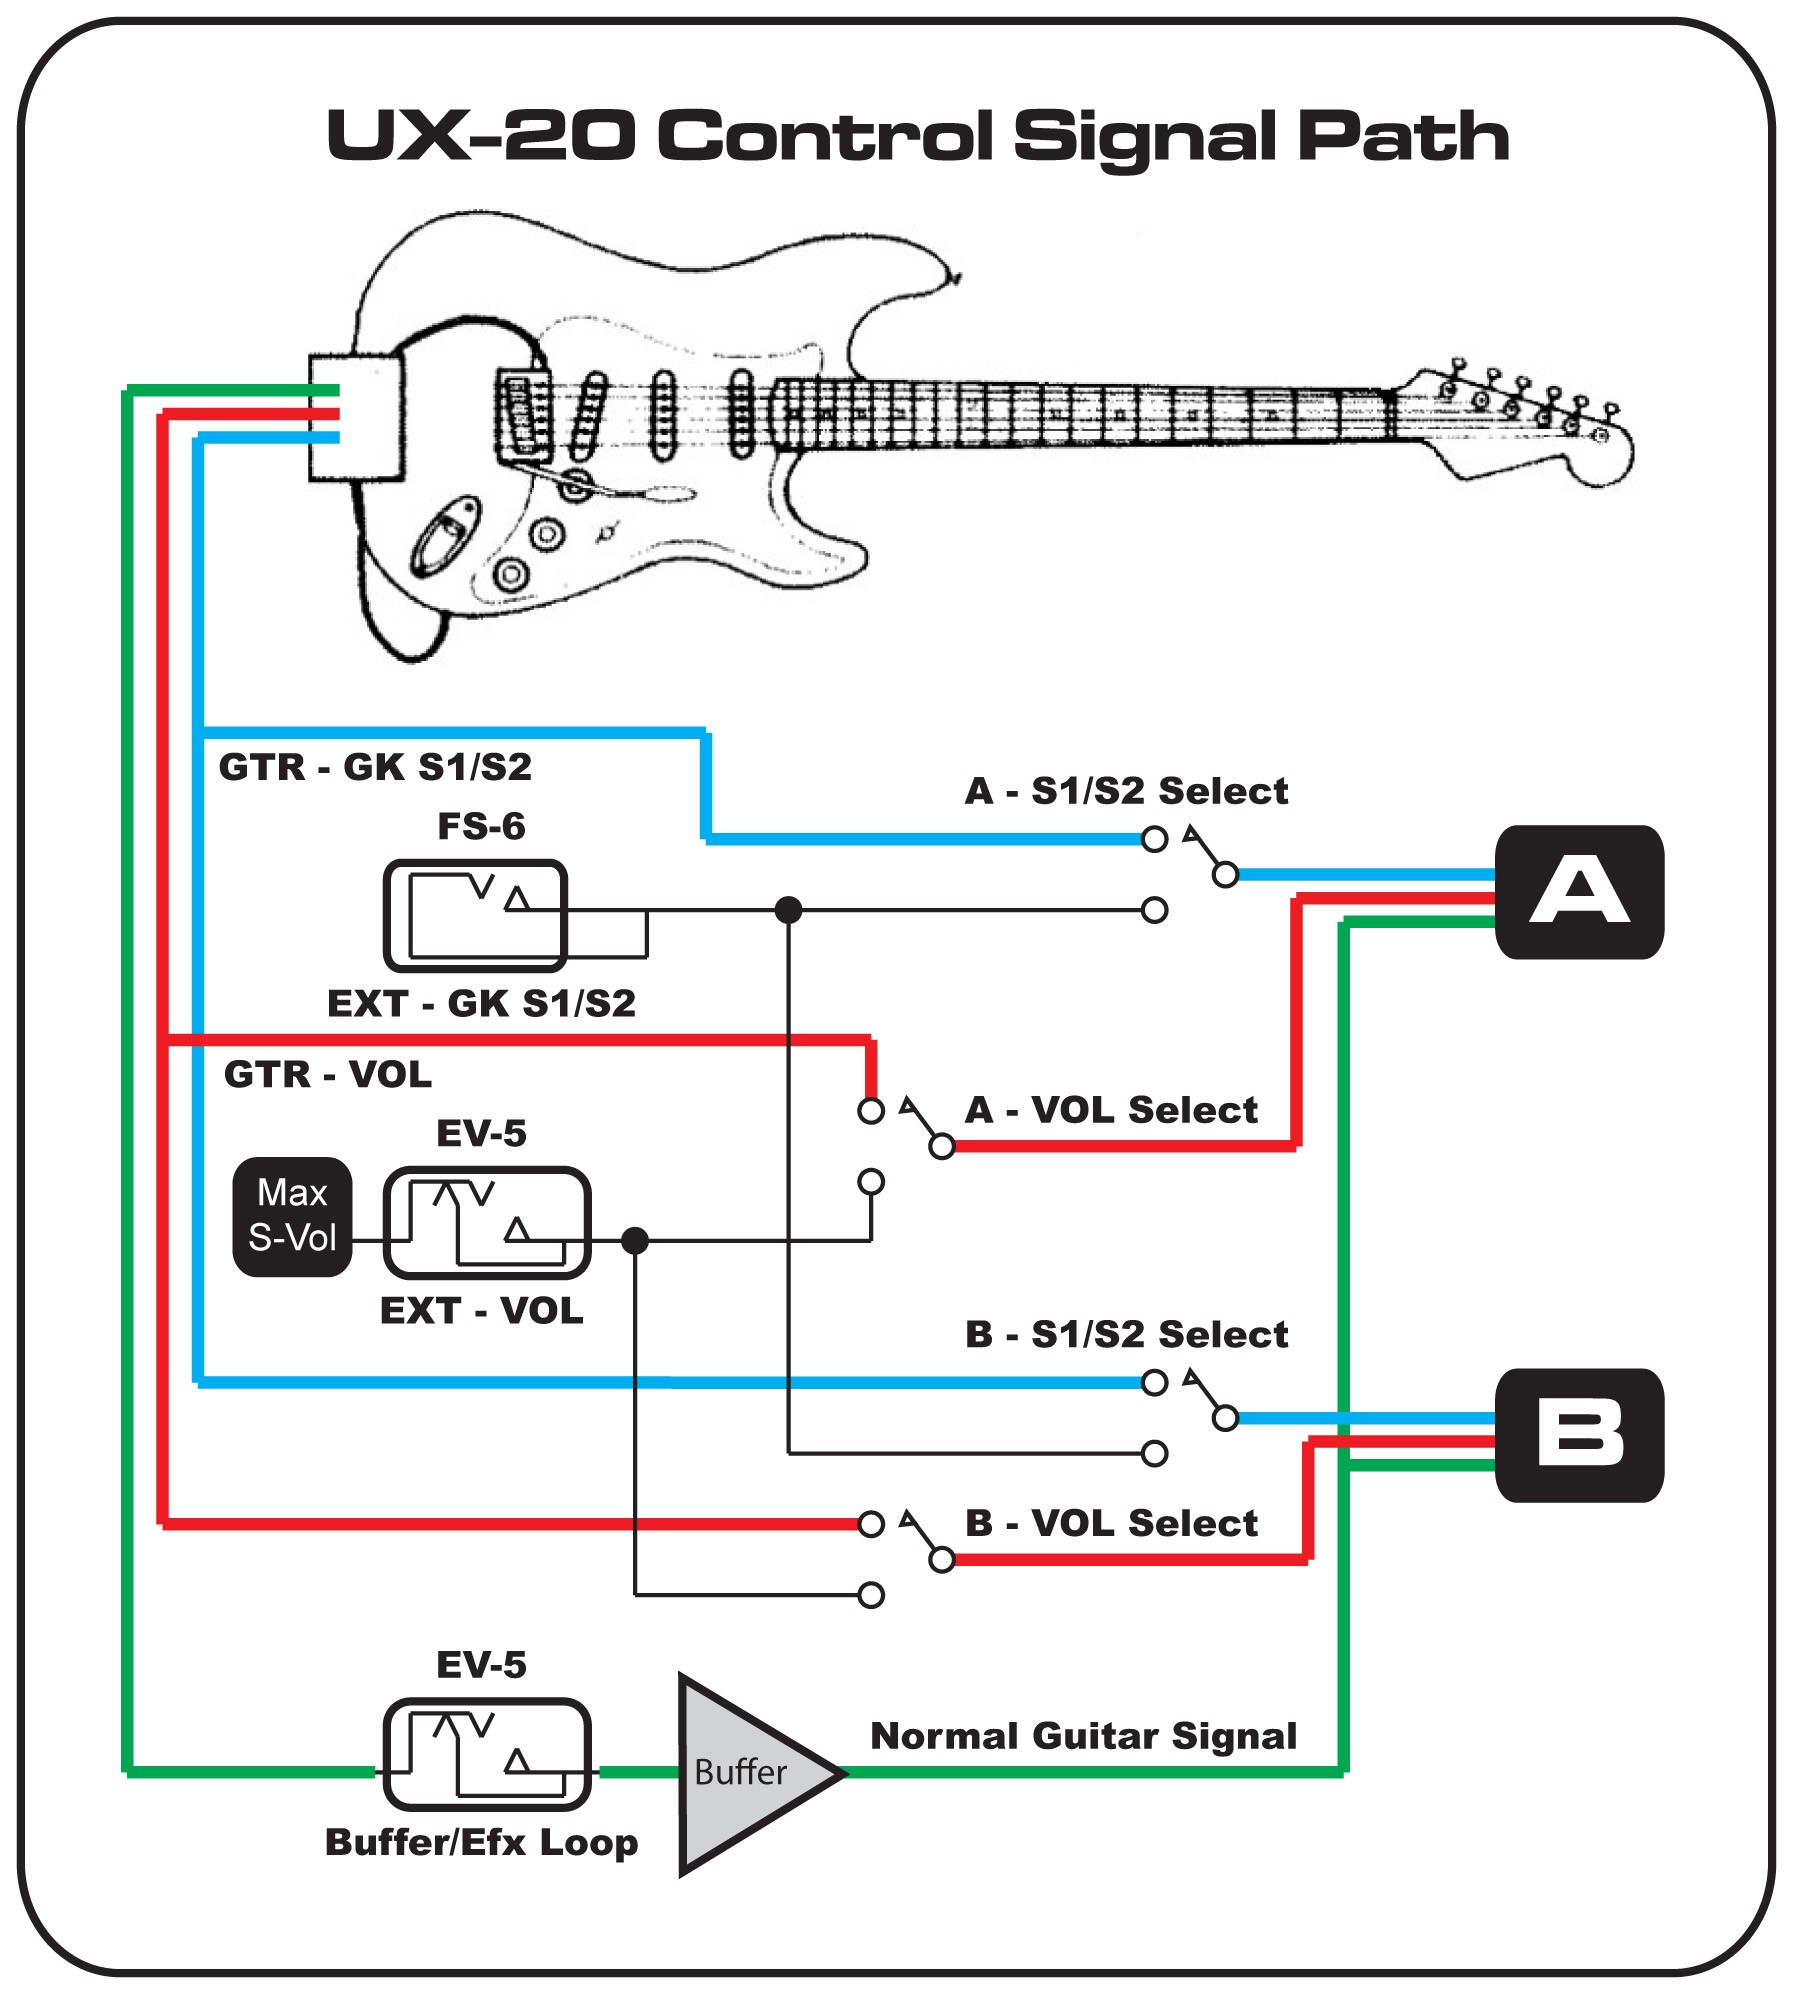 The diagram